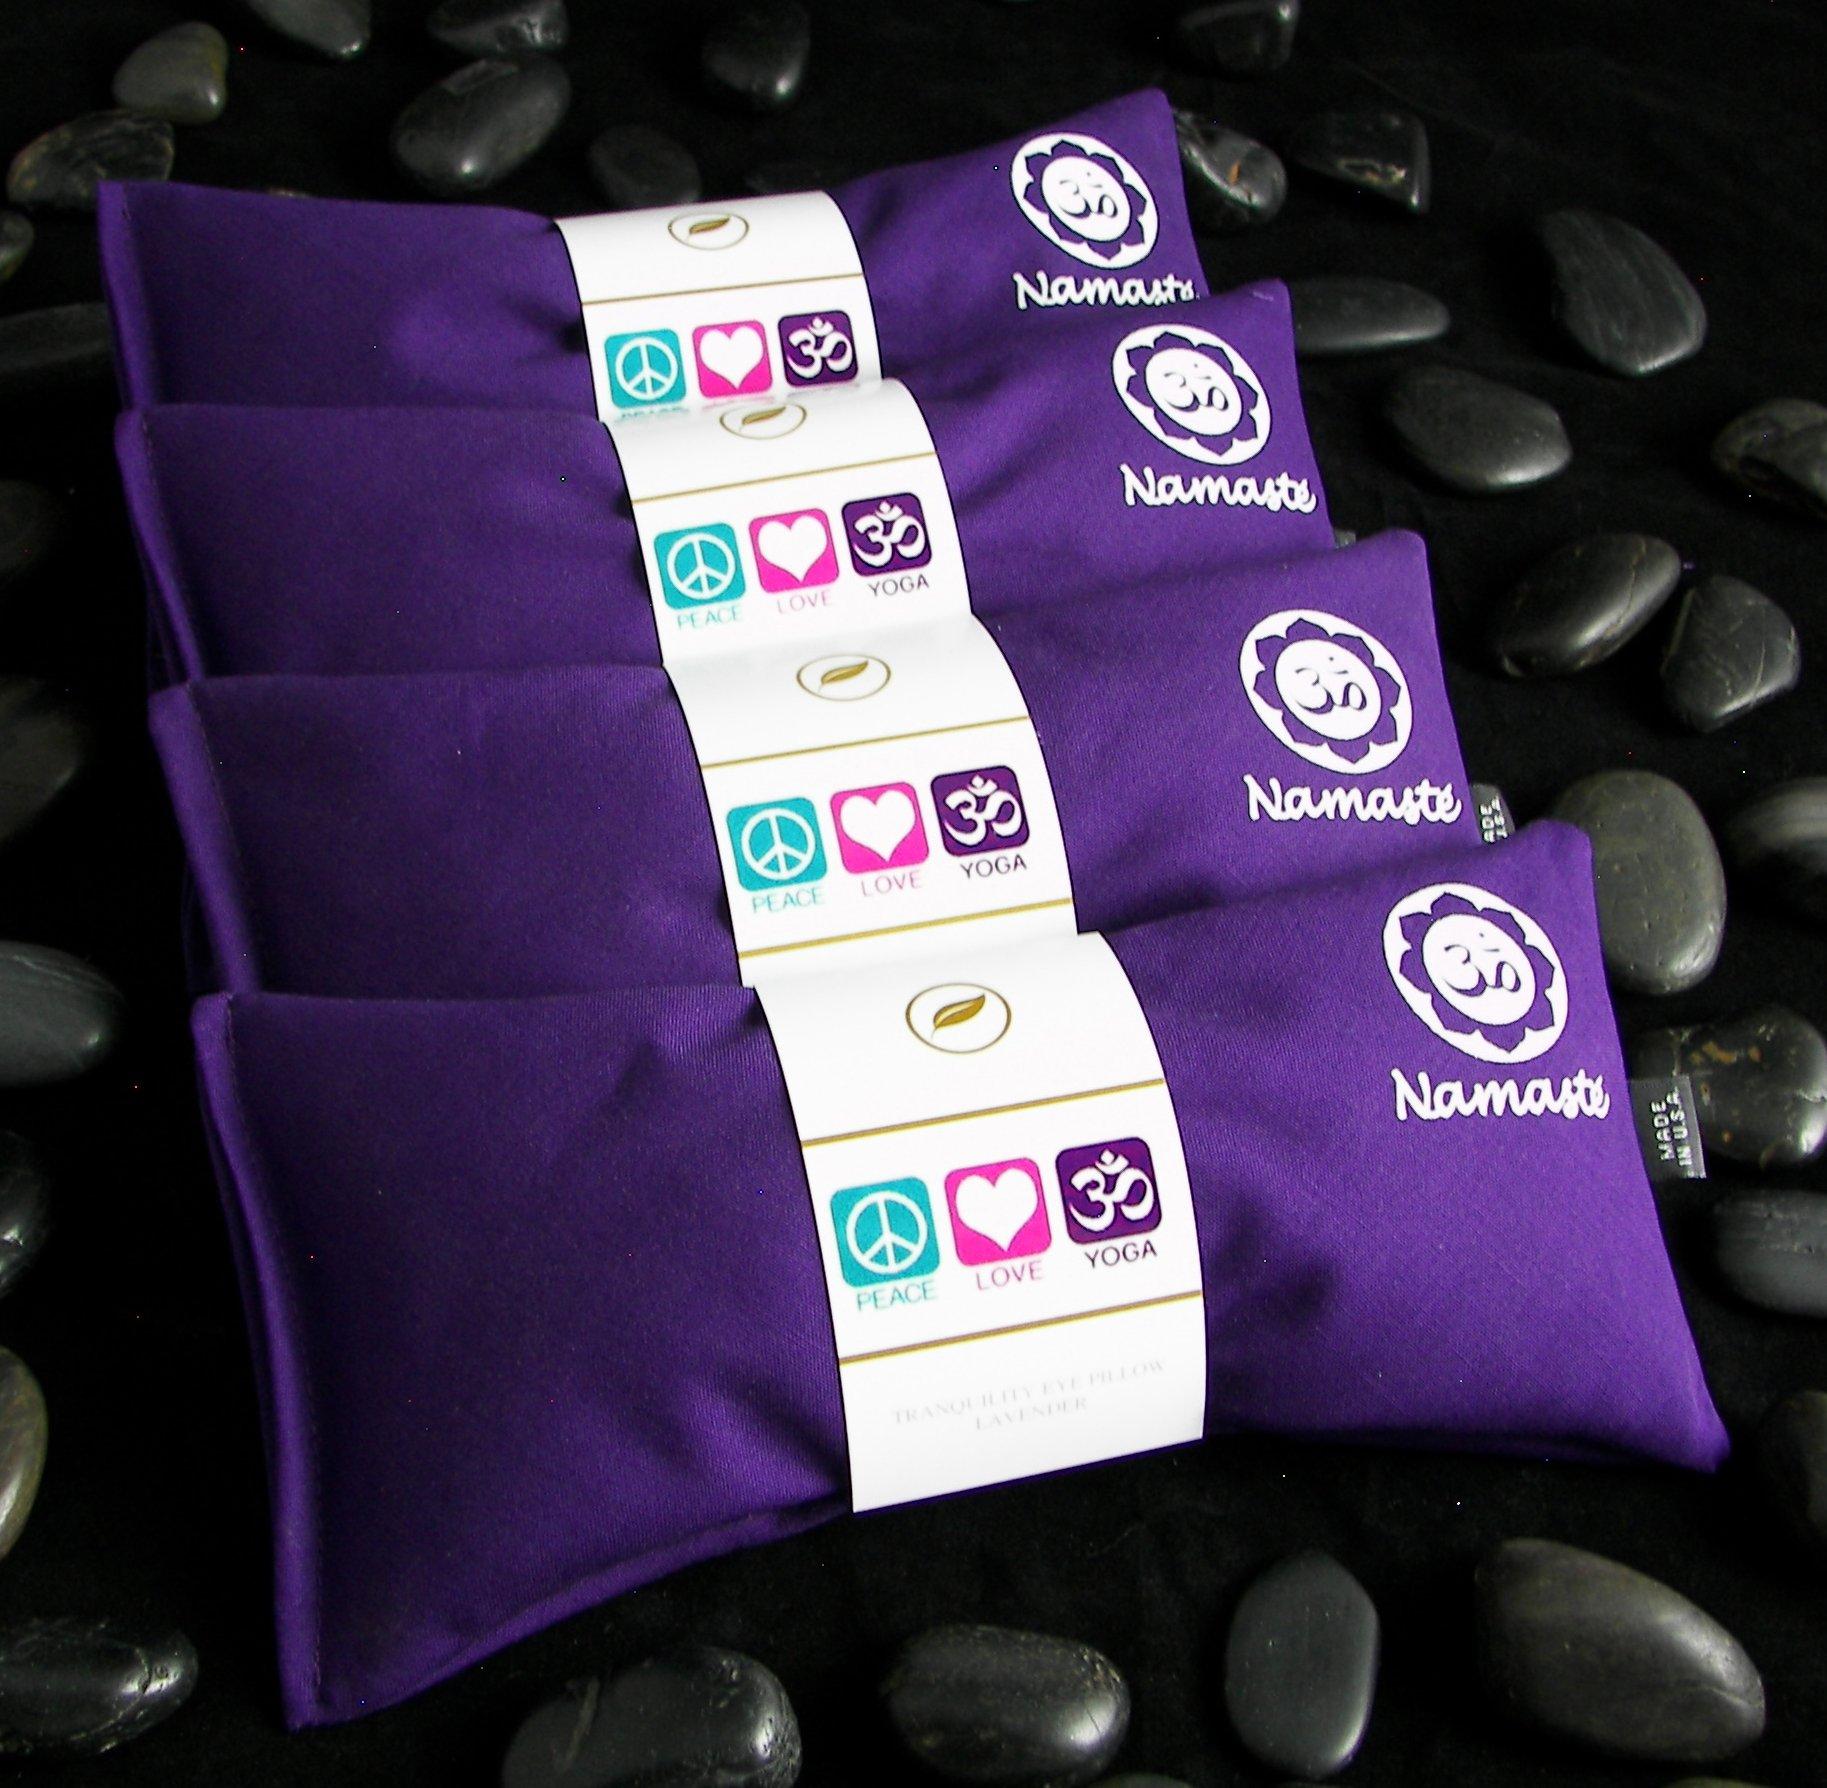 Happy Wraps Namaste Yoga Eye Pillows - Unscented Eye Pillows for Yoga - Set of 4 - Purple Cotton by Happy Wraps